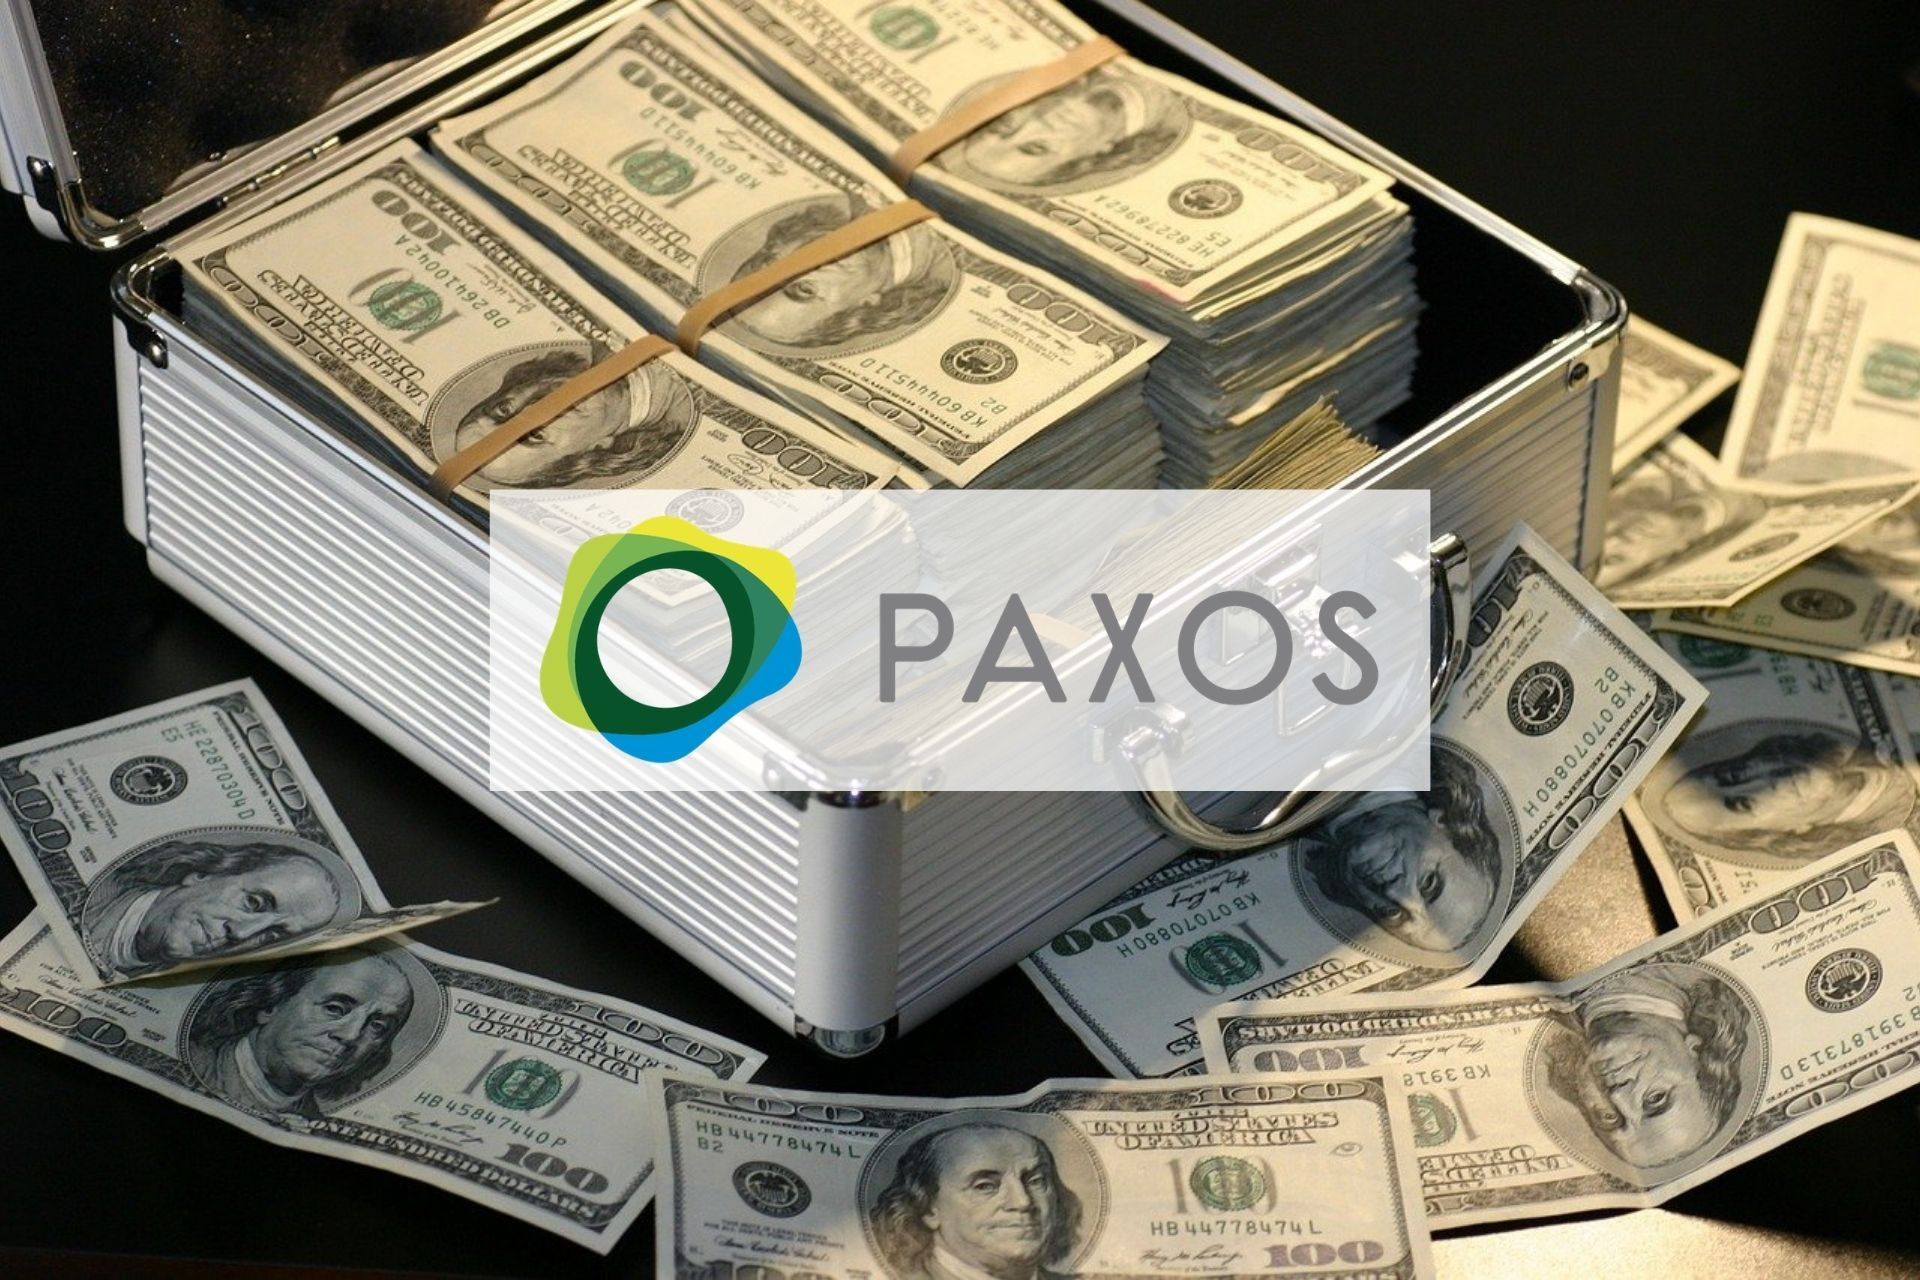 Paxos recauda 300 millones de dólares en una nueva ronda de inversión y alcanza una valoración de 2.4 mil millones de dólares